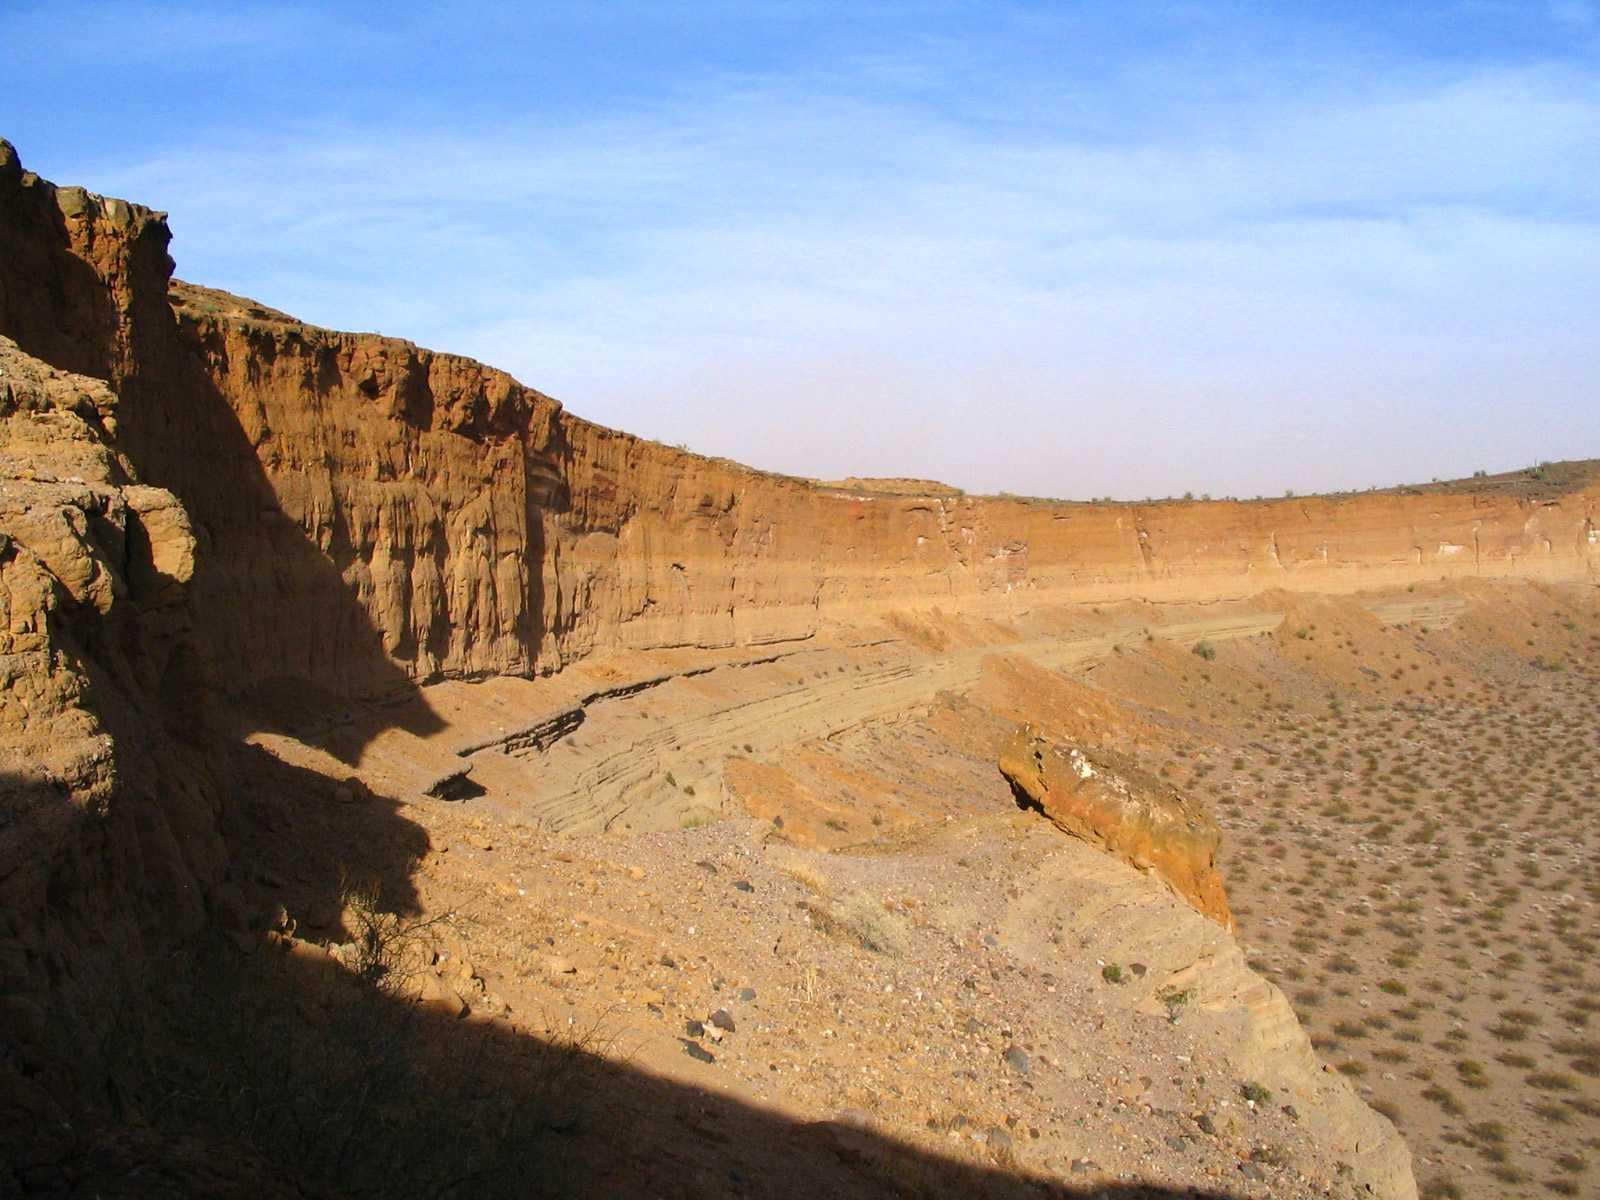 El Pinacate, der trockenste Teil der Sonora-Wüste